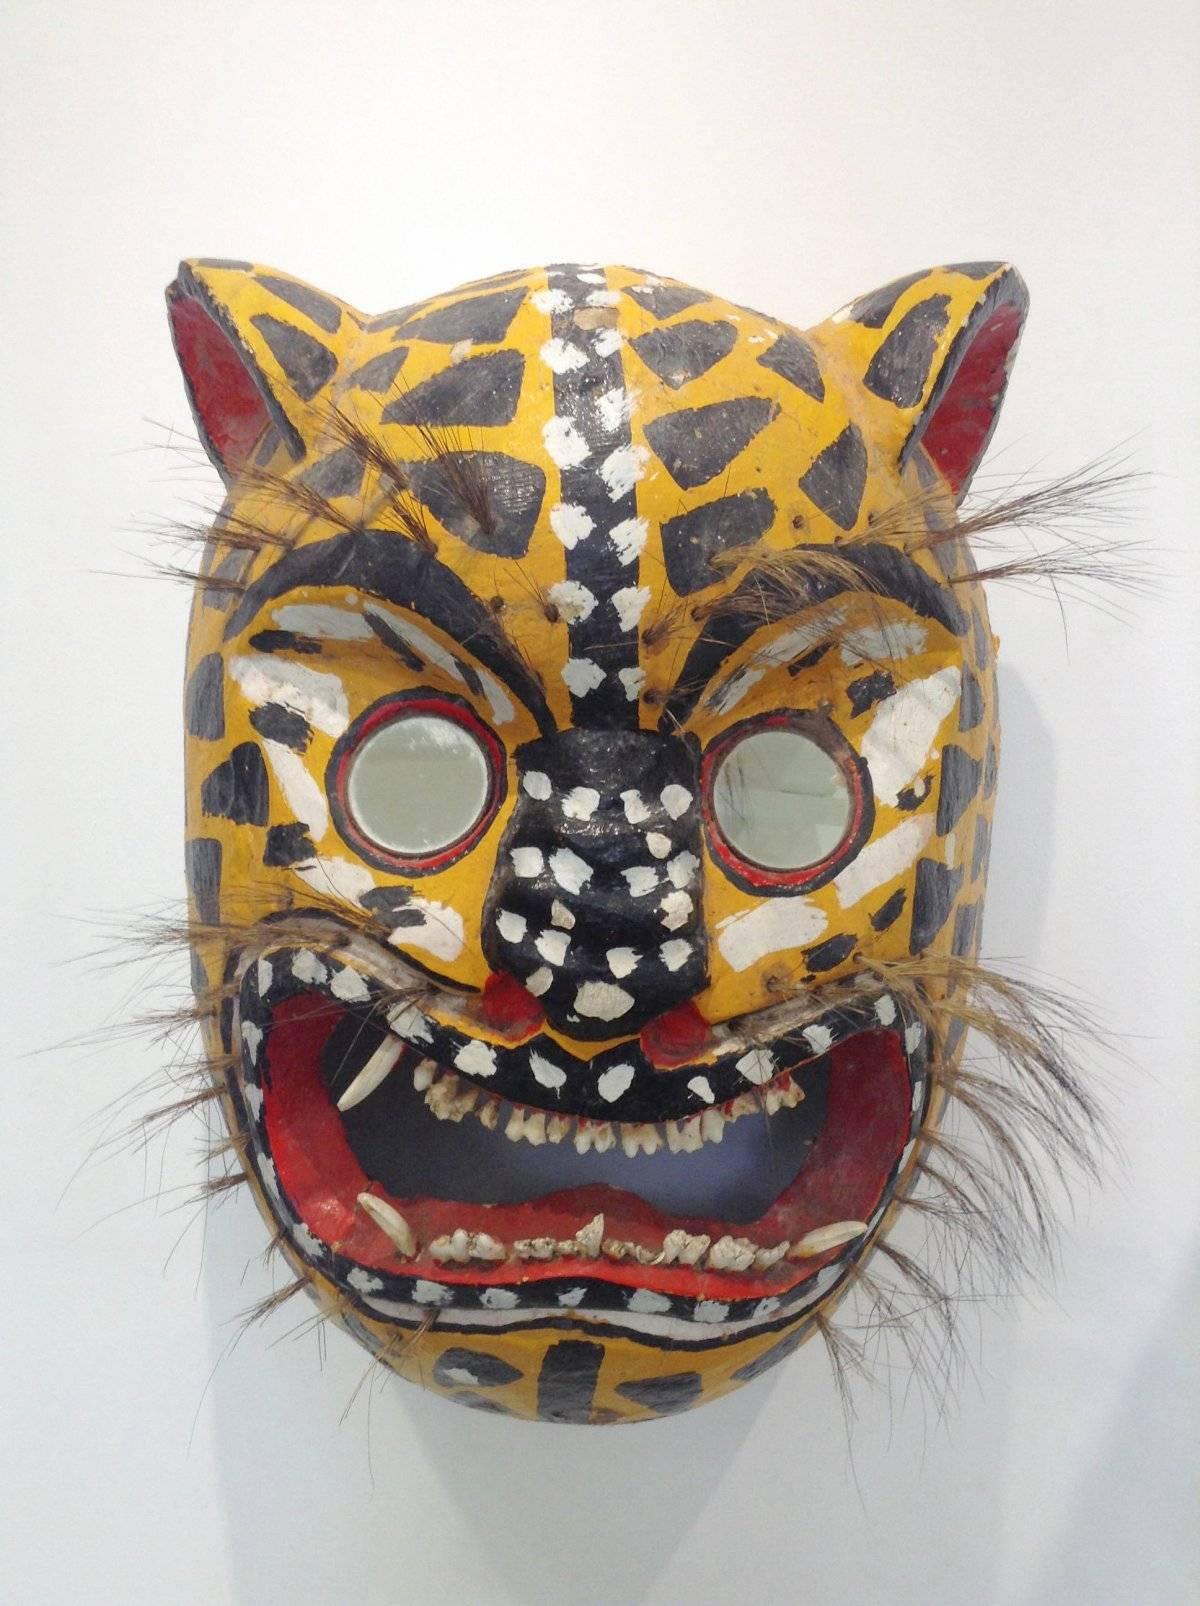 Museo de la máscara en Acapulco